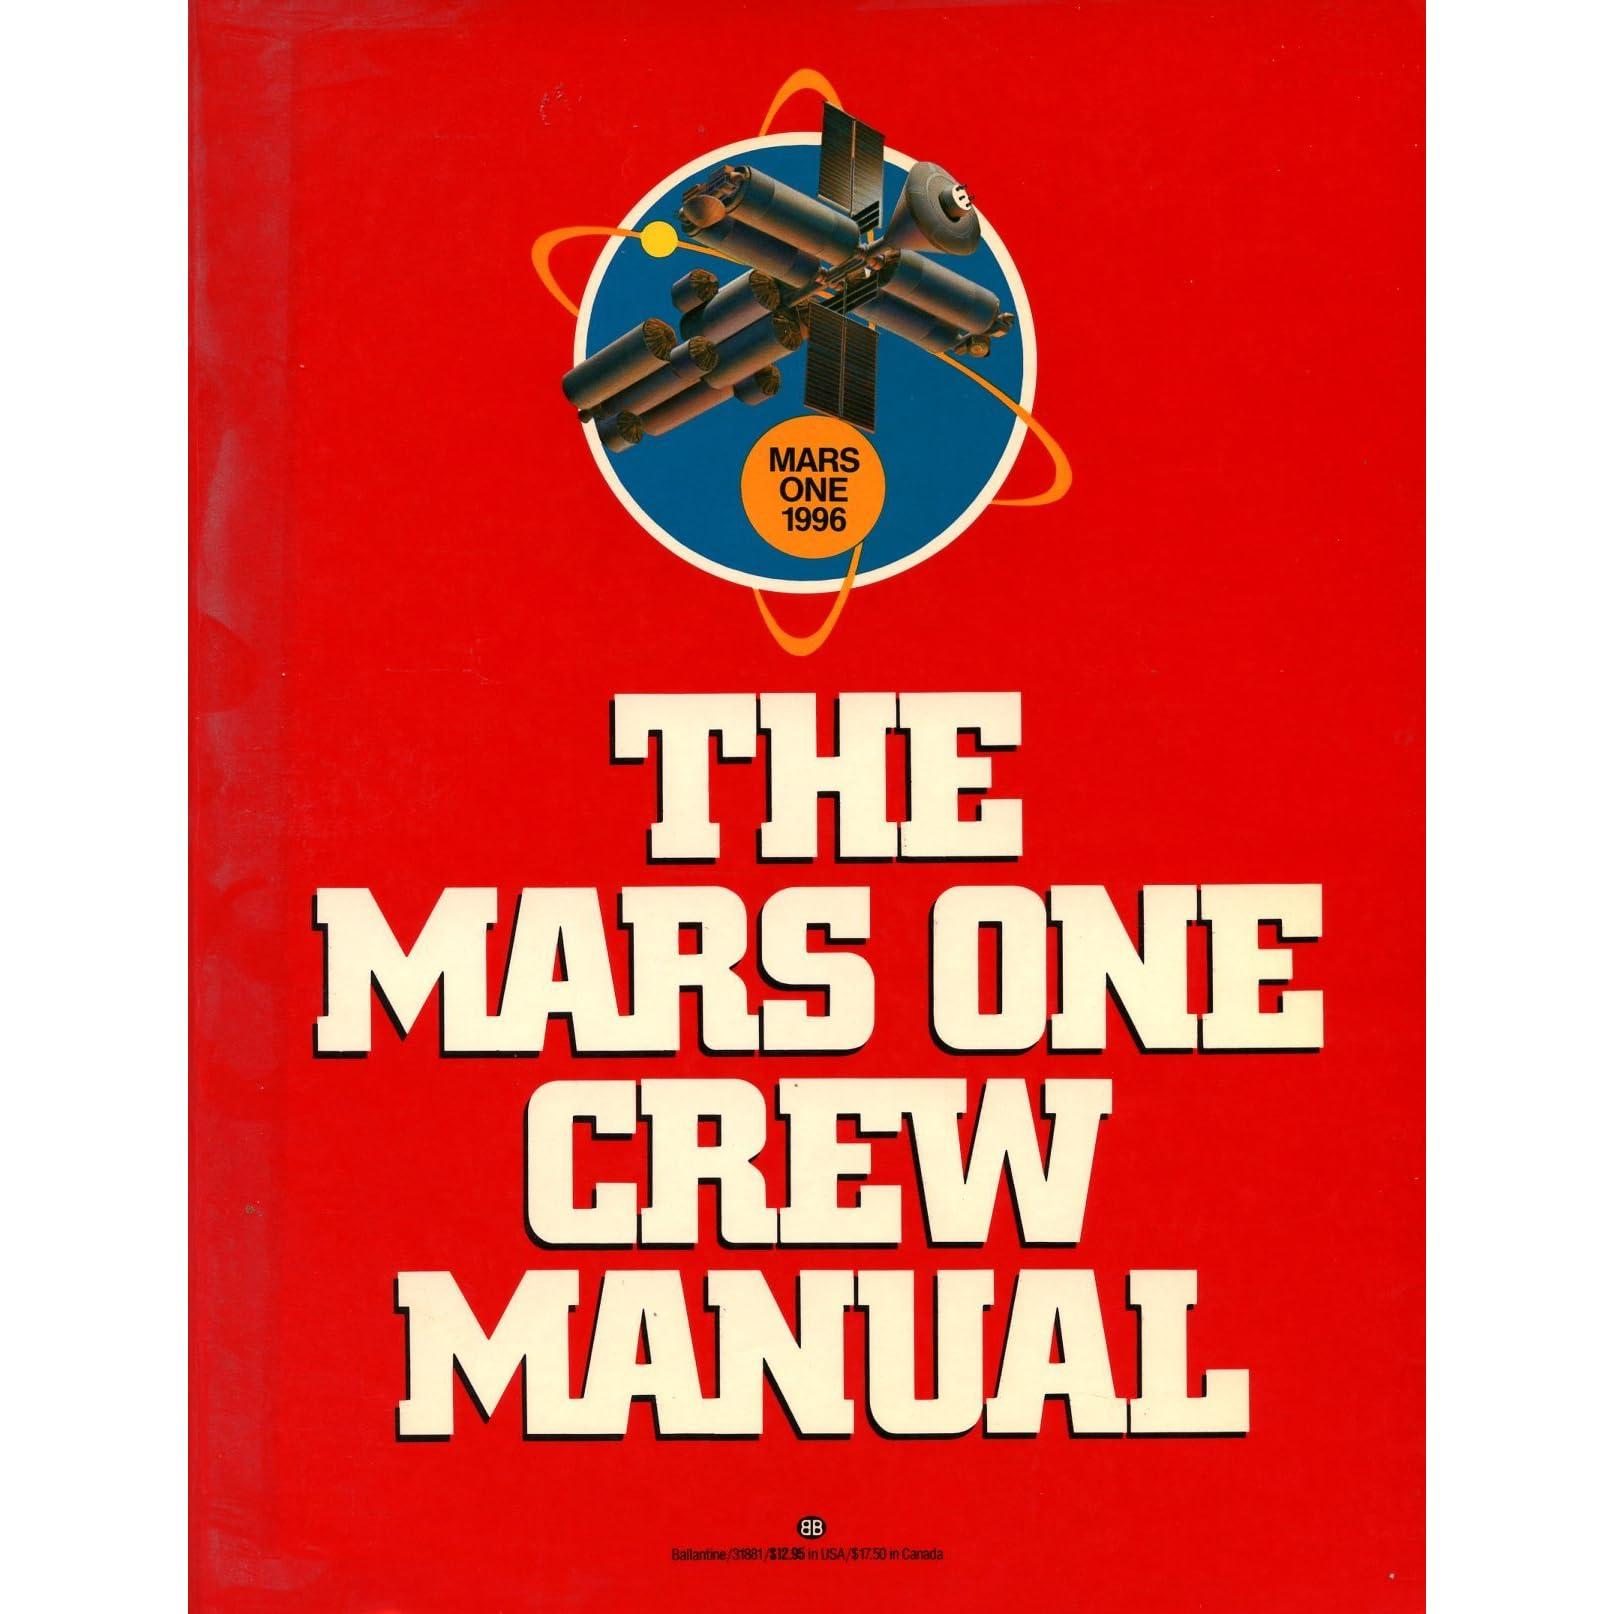 mars one crew - photo #2